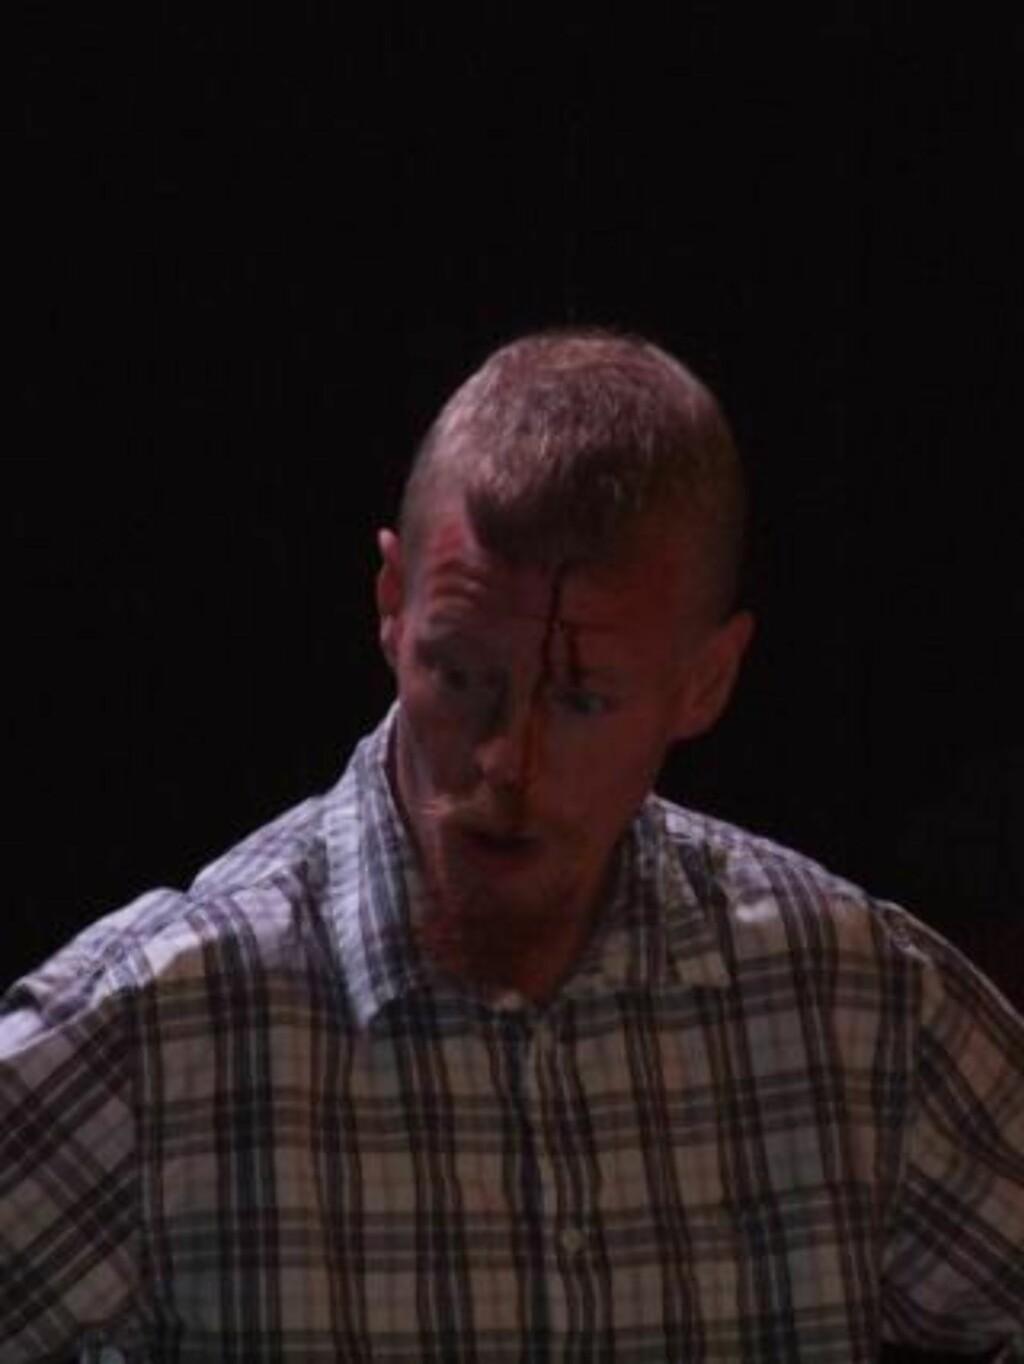 FORLOT DEBATTEN: Øyvind Heian forlot debatten med et blodig kutt i panna. Foto: CHRISTIAN HØYBØ